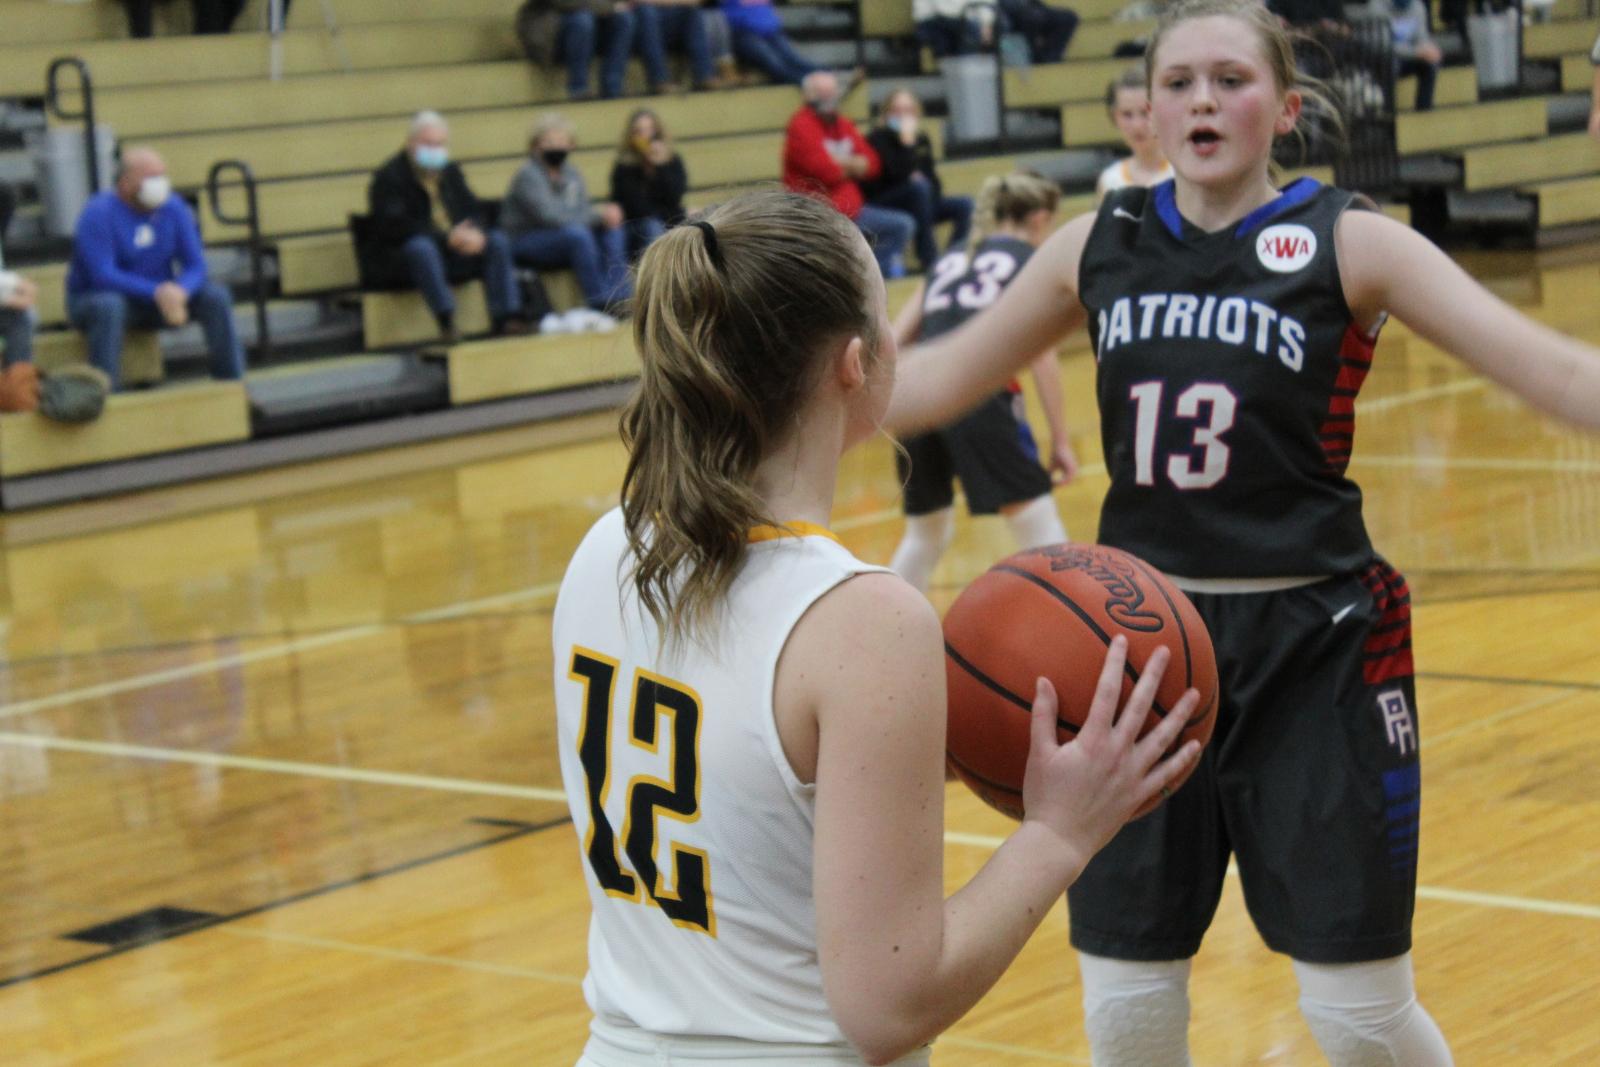 Girls JV Basketball 20-21